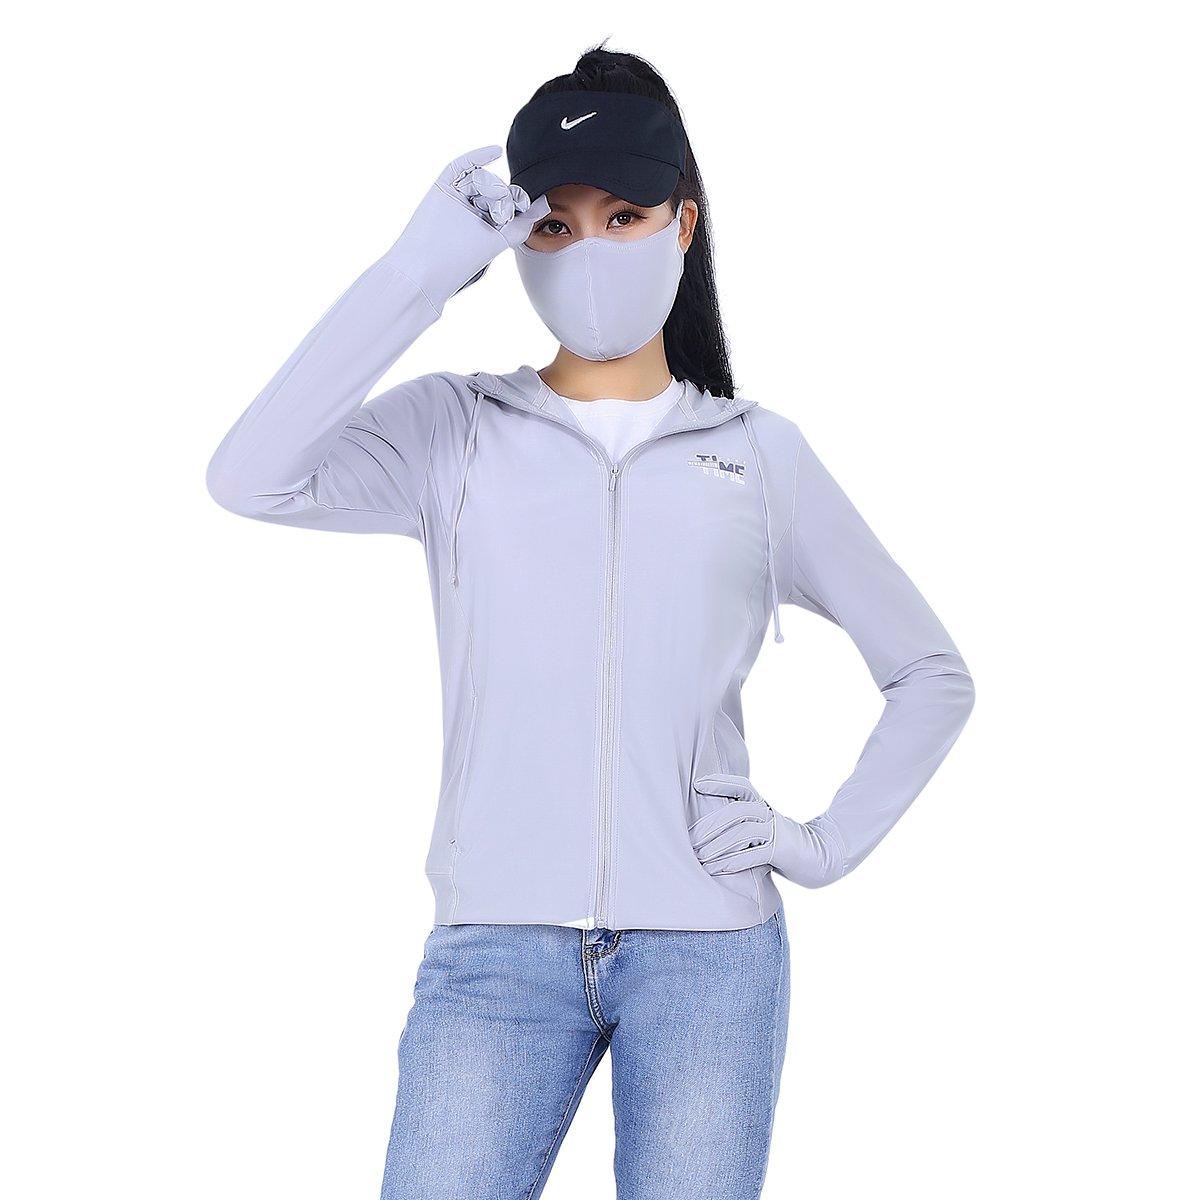 Áo khoác cao cấp có nón chống tia tử ngoại uv paltal akcn 151p 1056